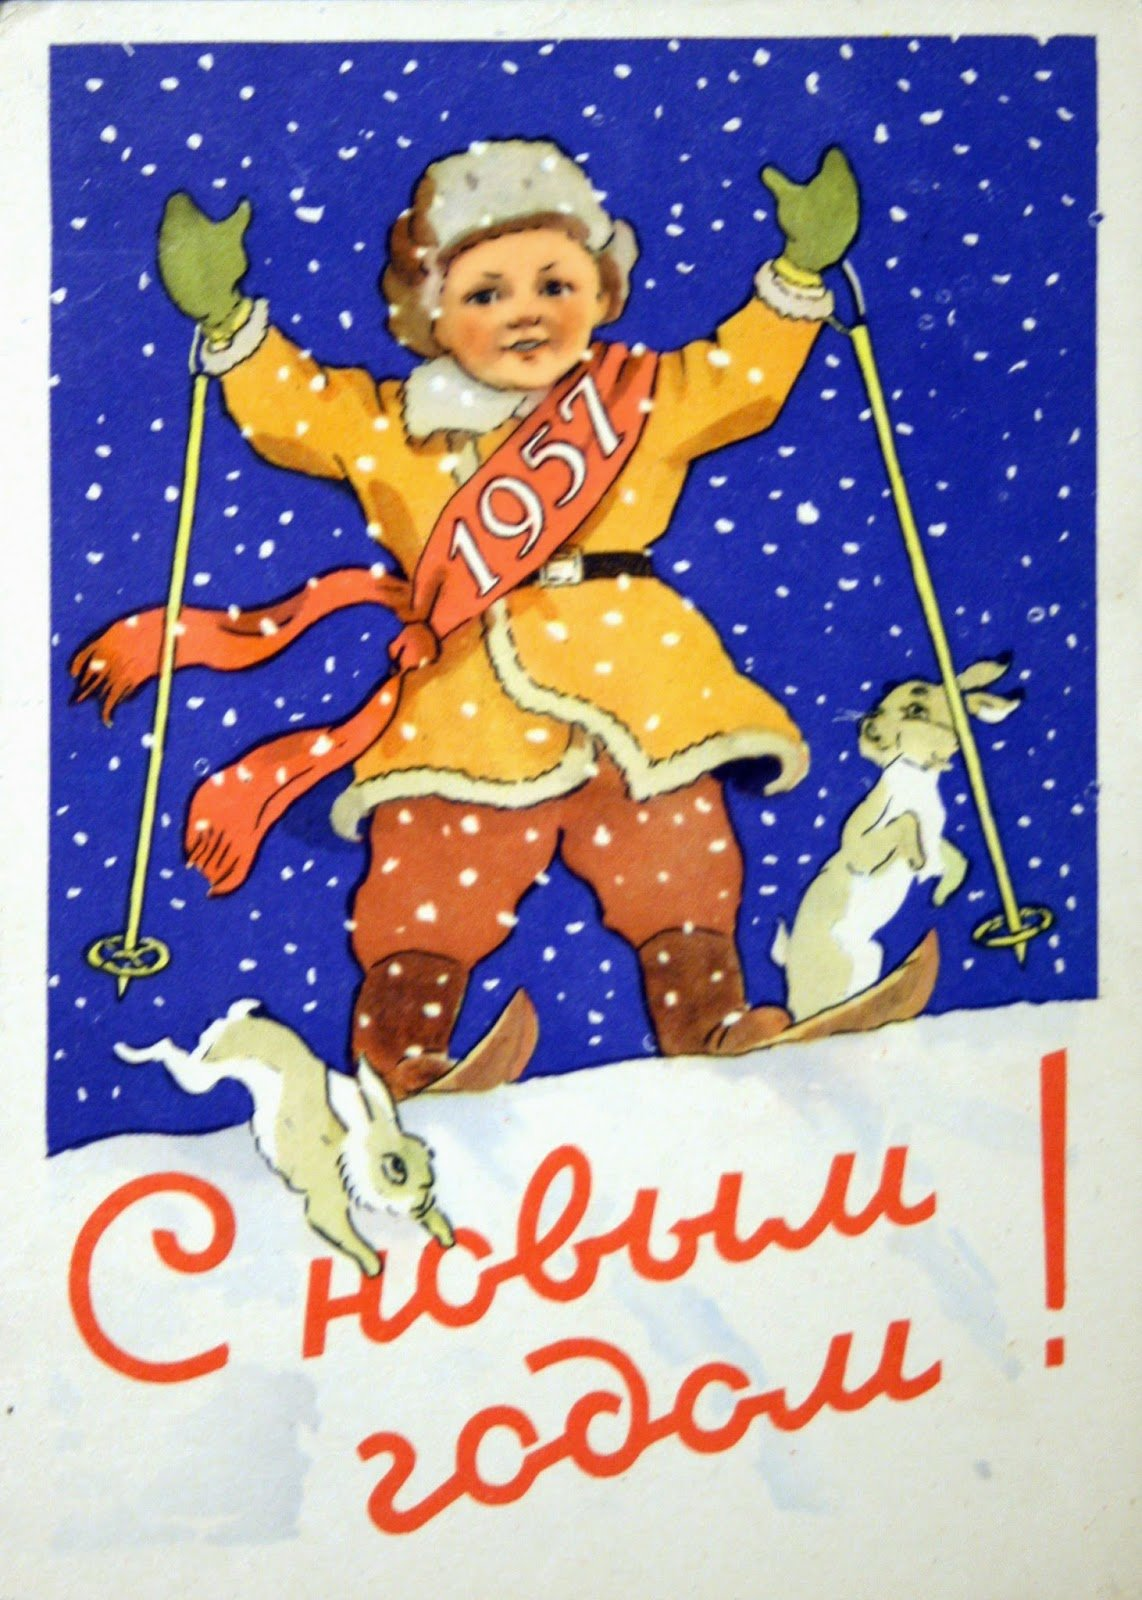 Поздравительные открытки ссср 50-60х годов, смешные открытки